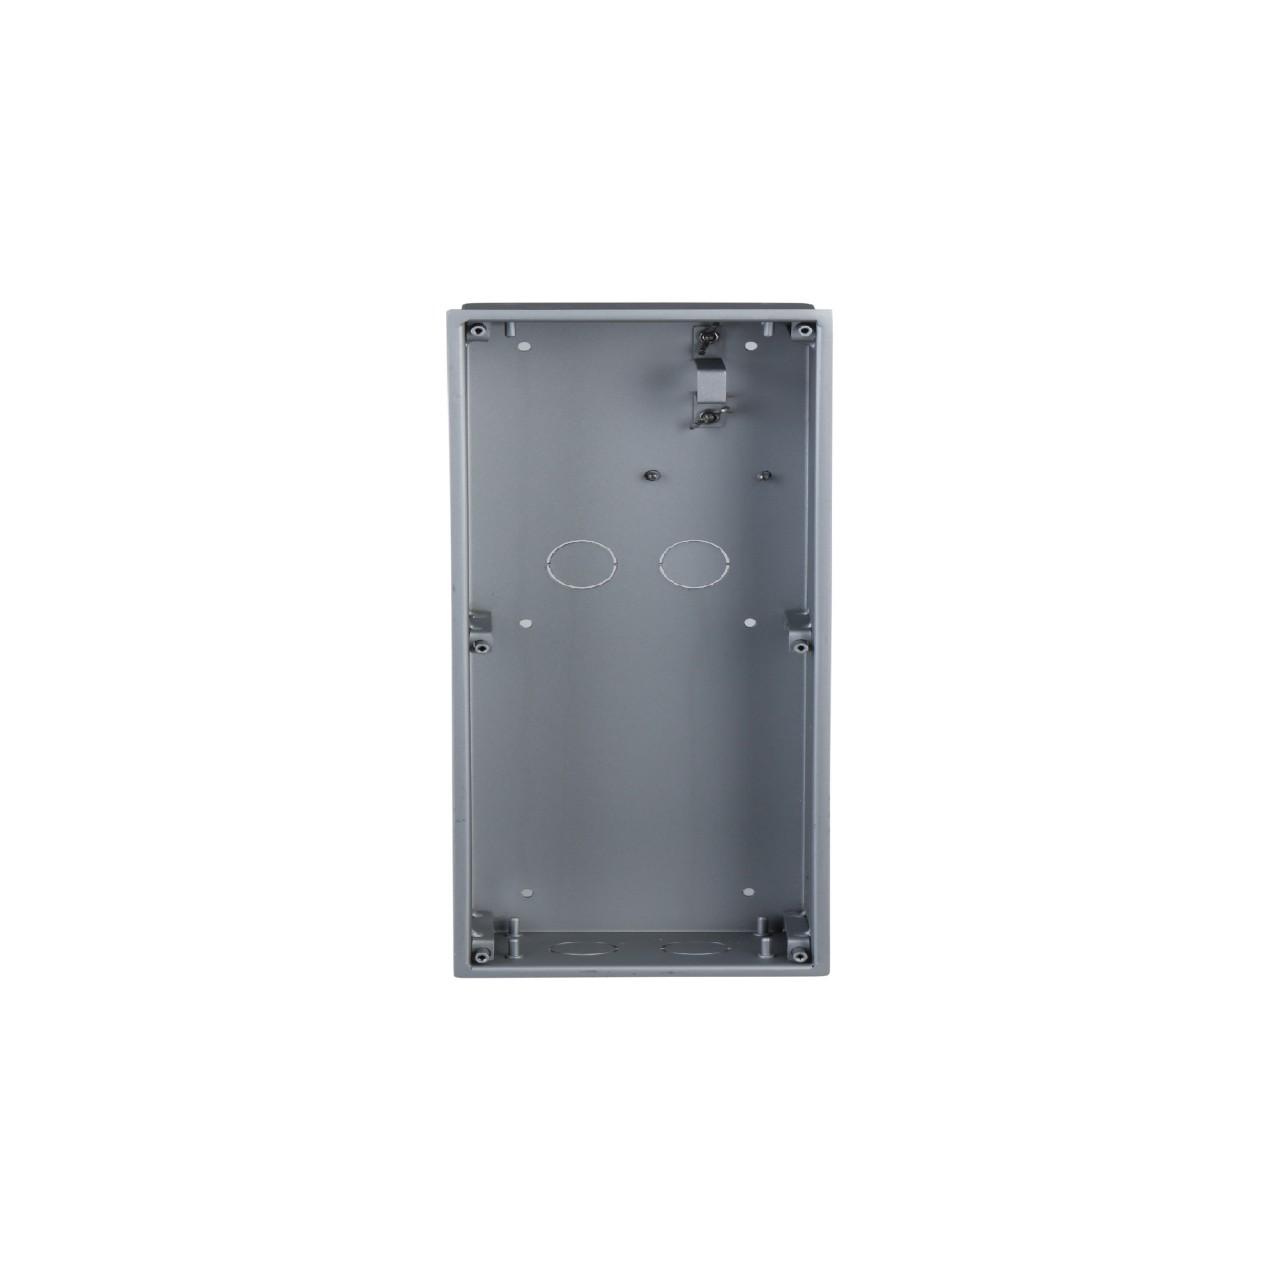 TURM IP Video Türsprechanlage Unterputz Einbaurahmen für die modulare Außenstation mit zwei Modulen